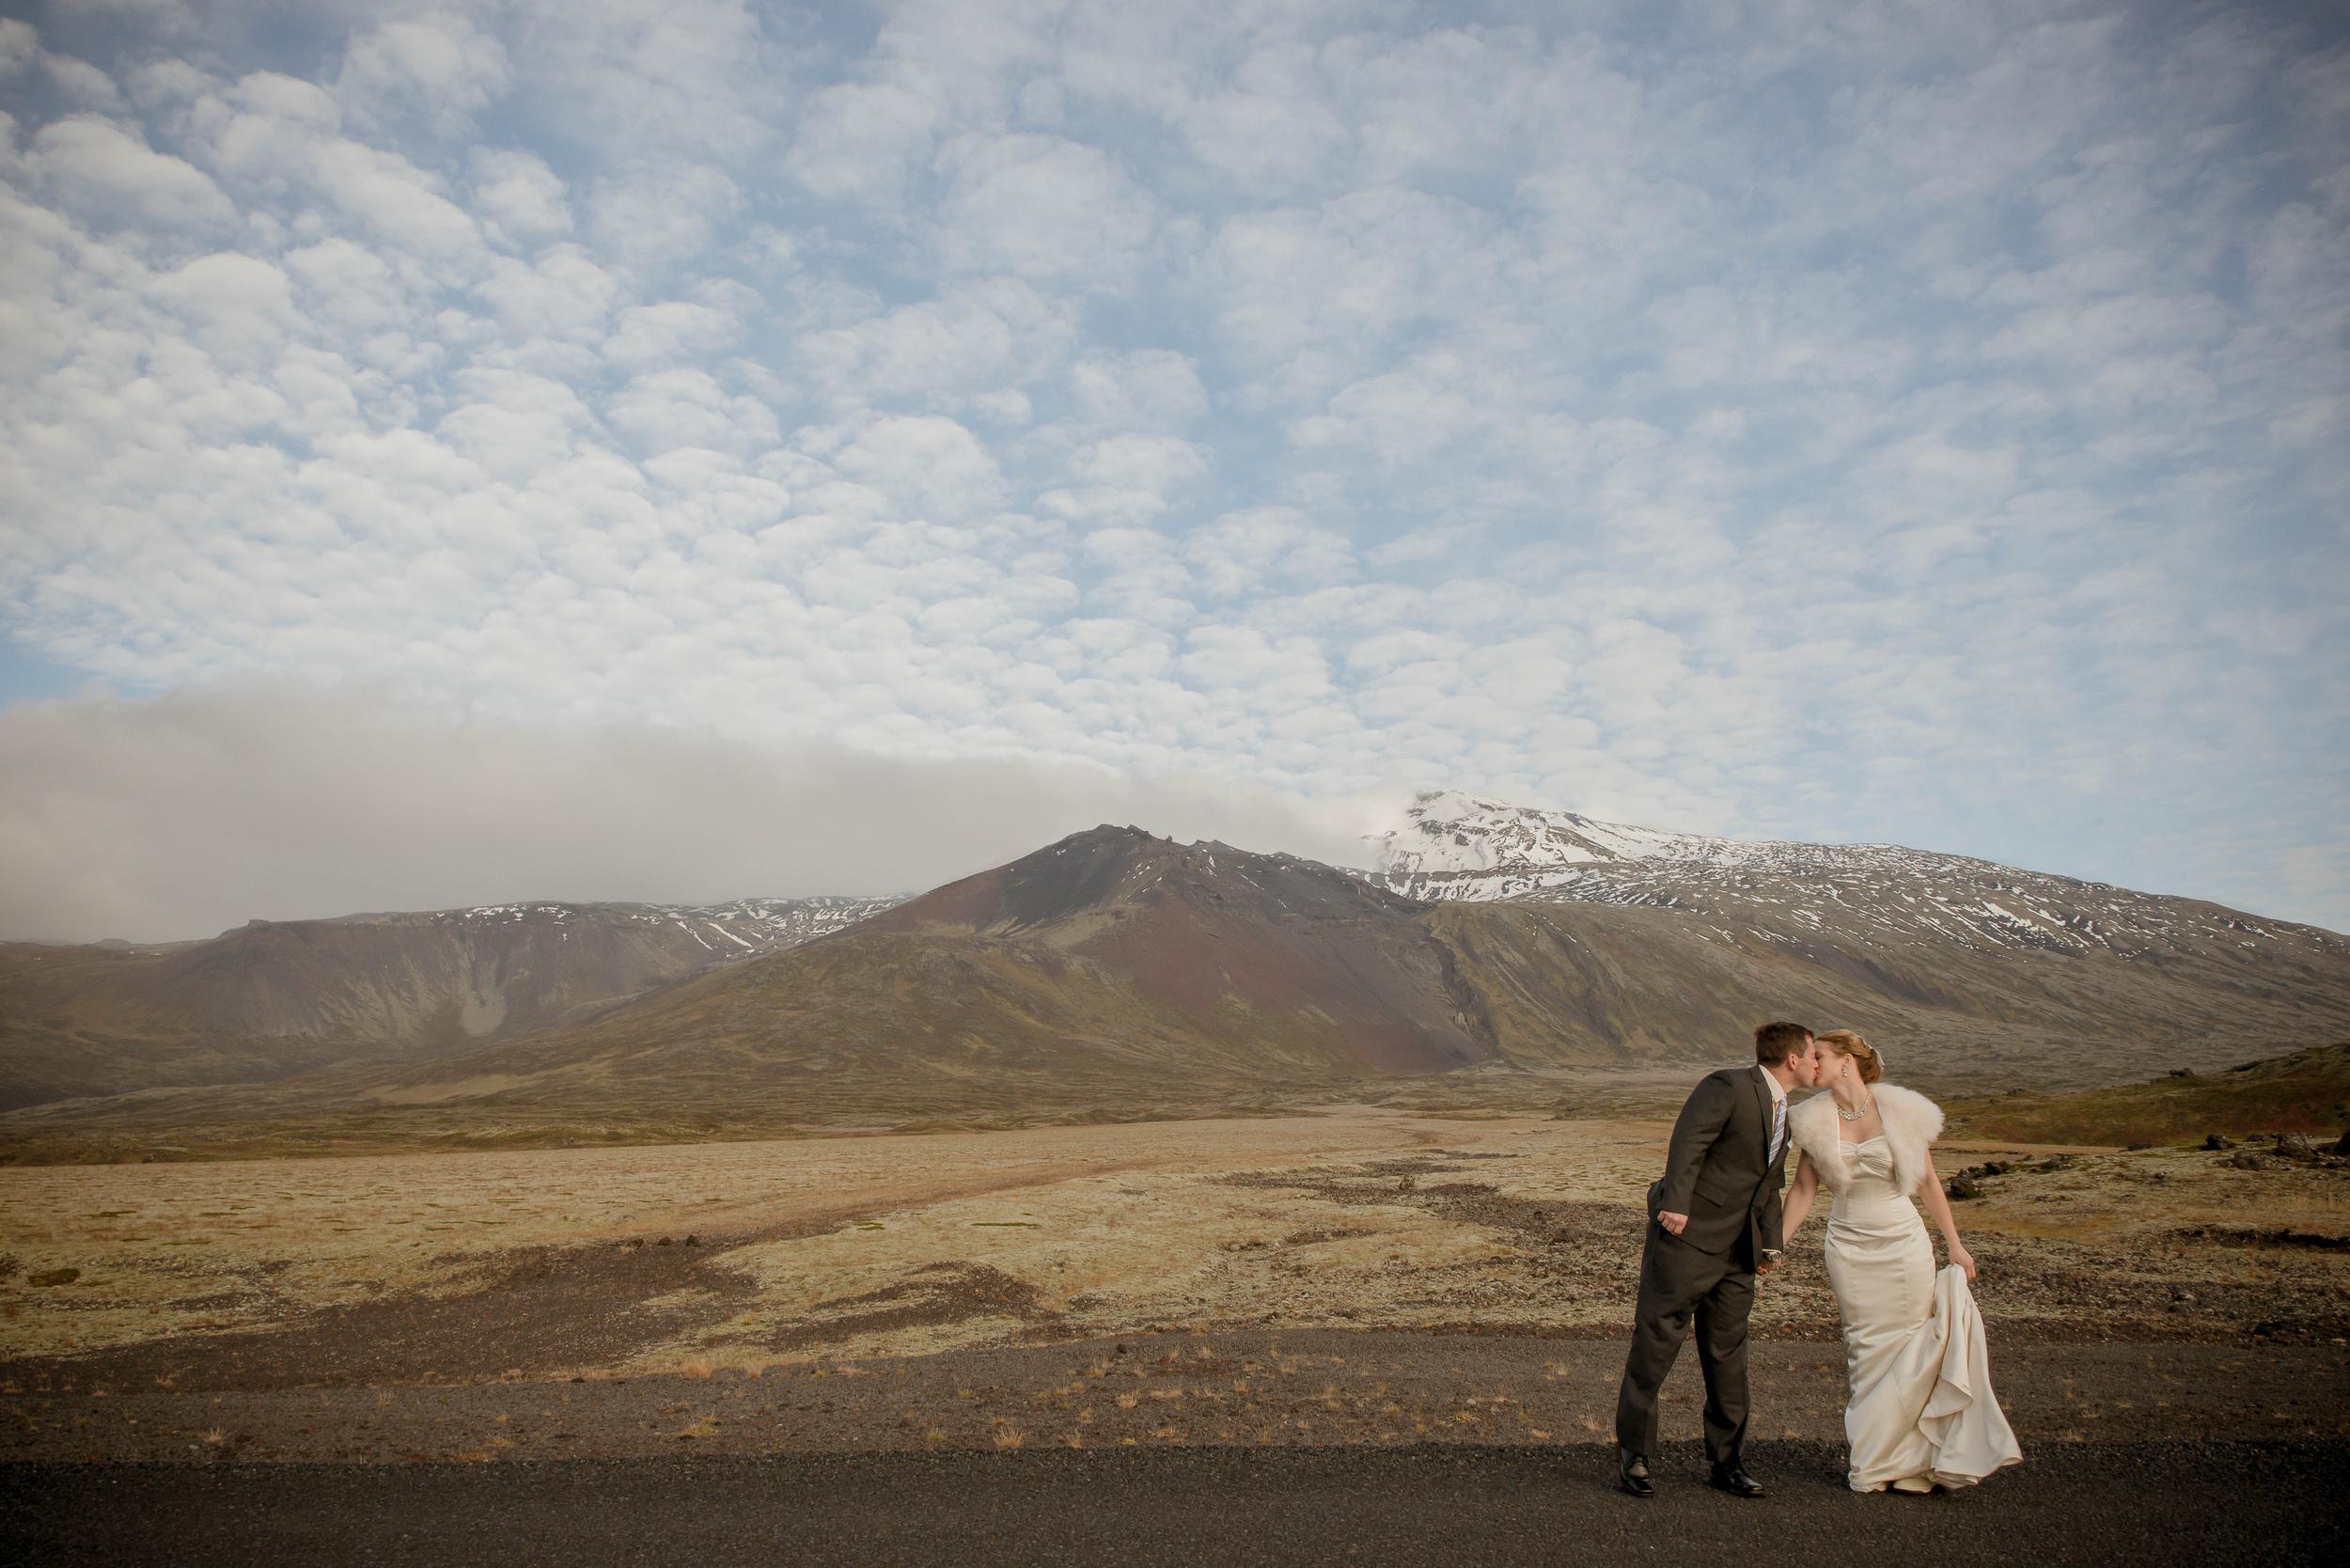 Iceland-Wedding-Photographer-Photos-by-Miss-Ann-35.jpg